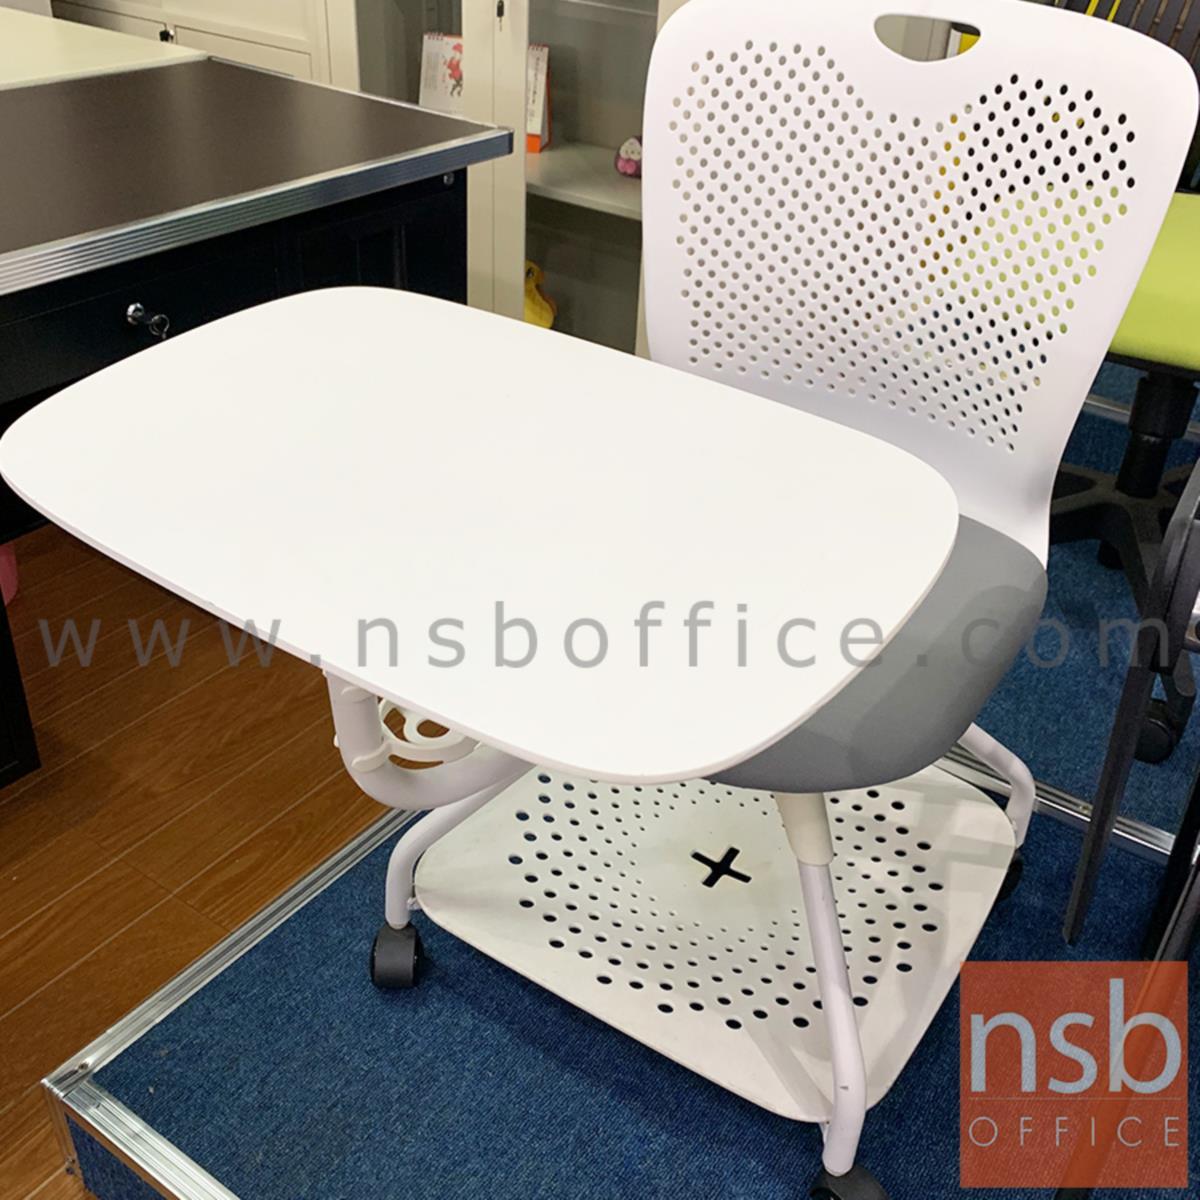 เก้าอี้เลคเชอร์ รุ่น Digory (ดิกอรี่)  โครงขาเหล็กล้อเลื่อน ฐานด้านล่างวางกระเป๋าได้